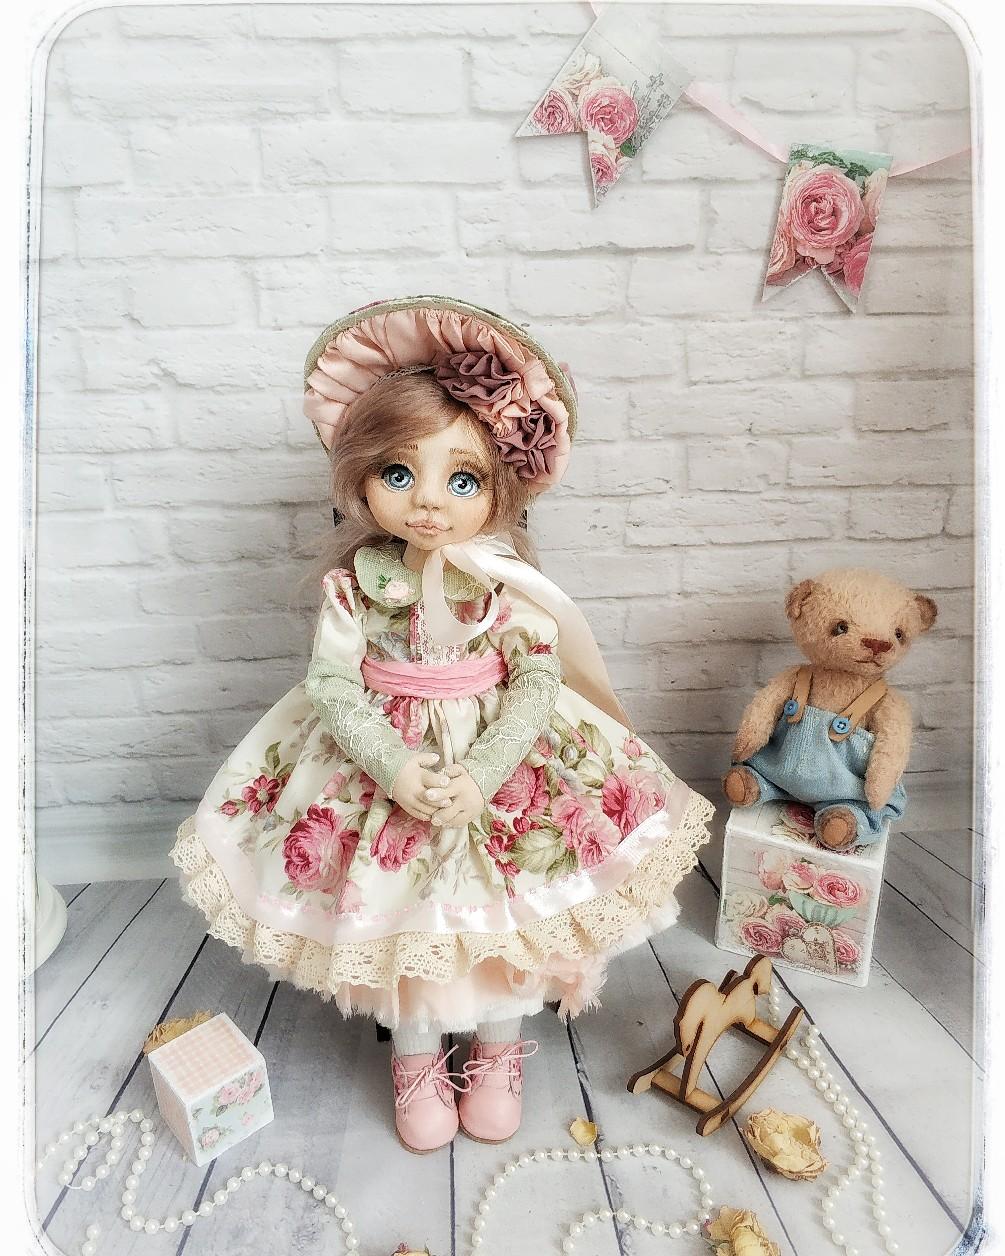 шарик тонко фото одежда для кукол в винтажном стиле сети описана масса